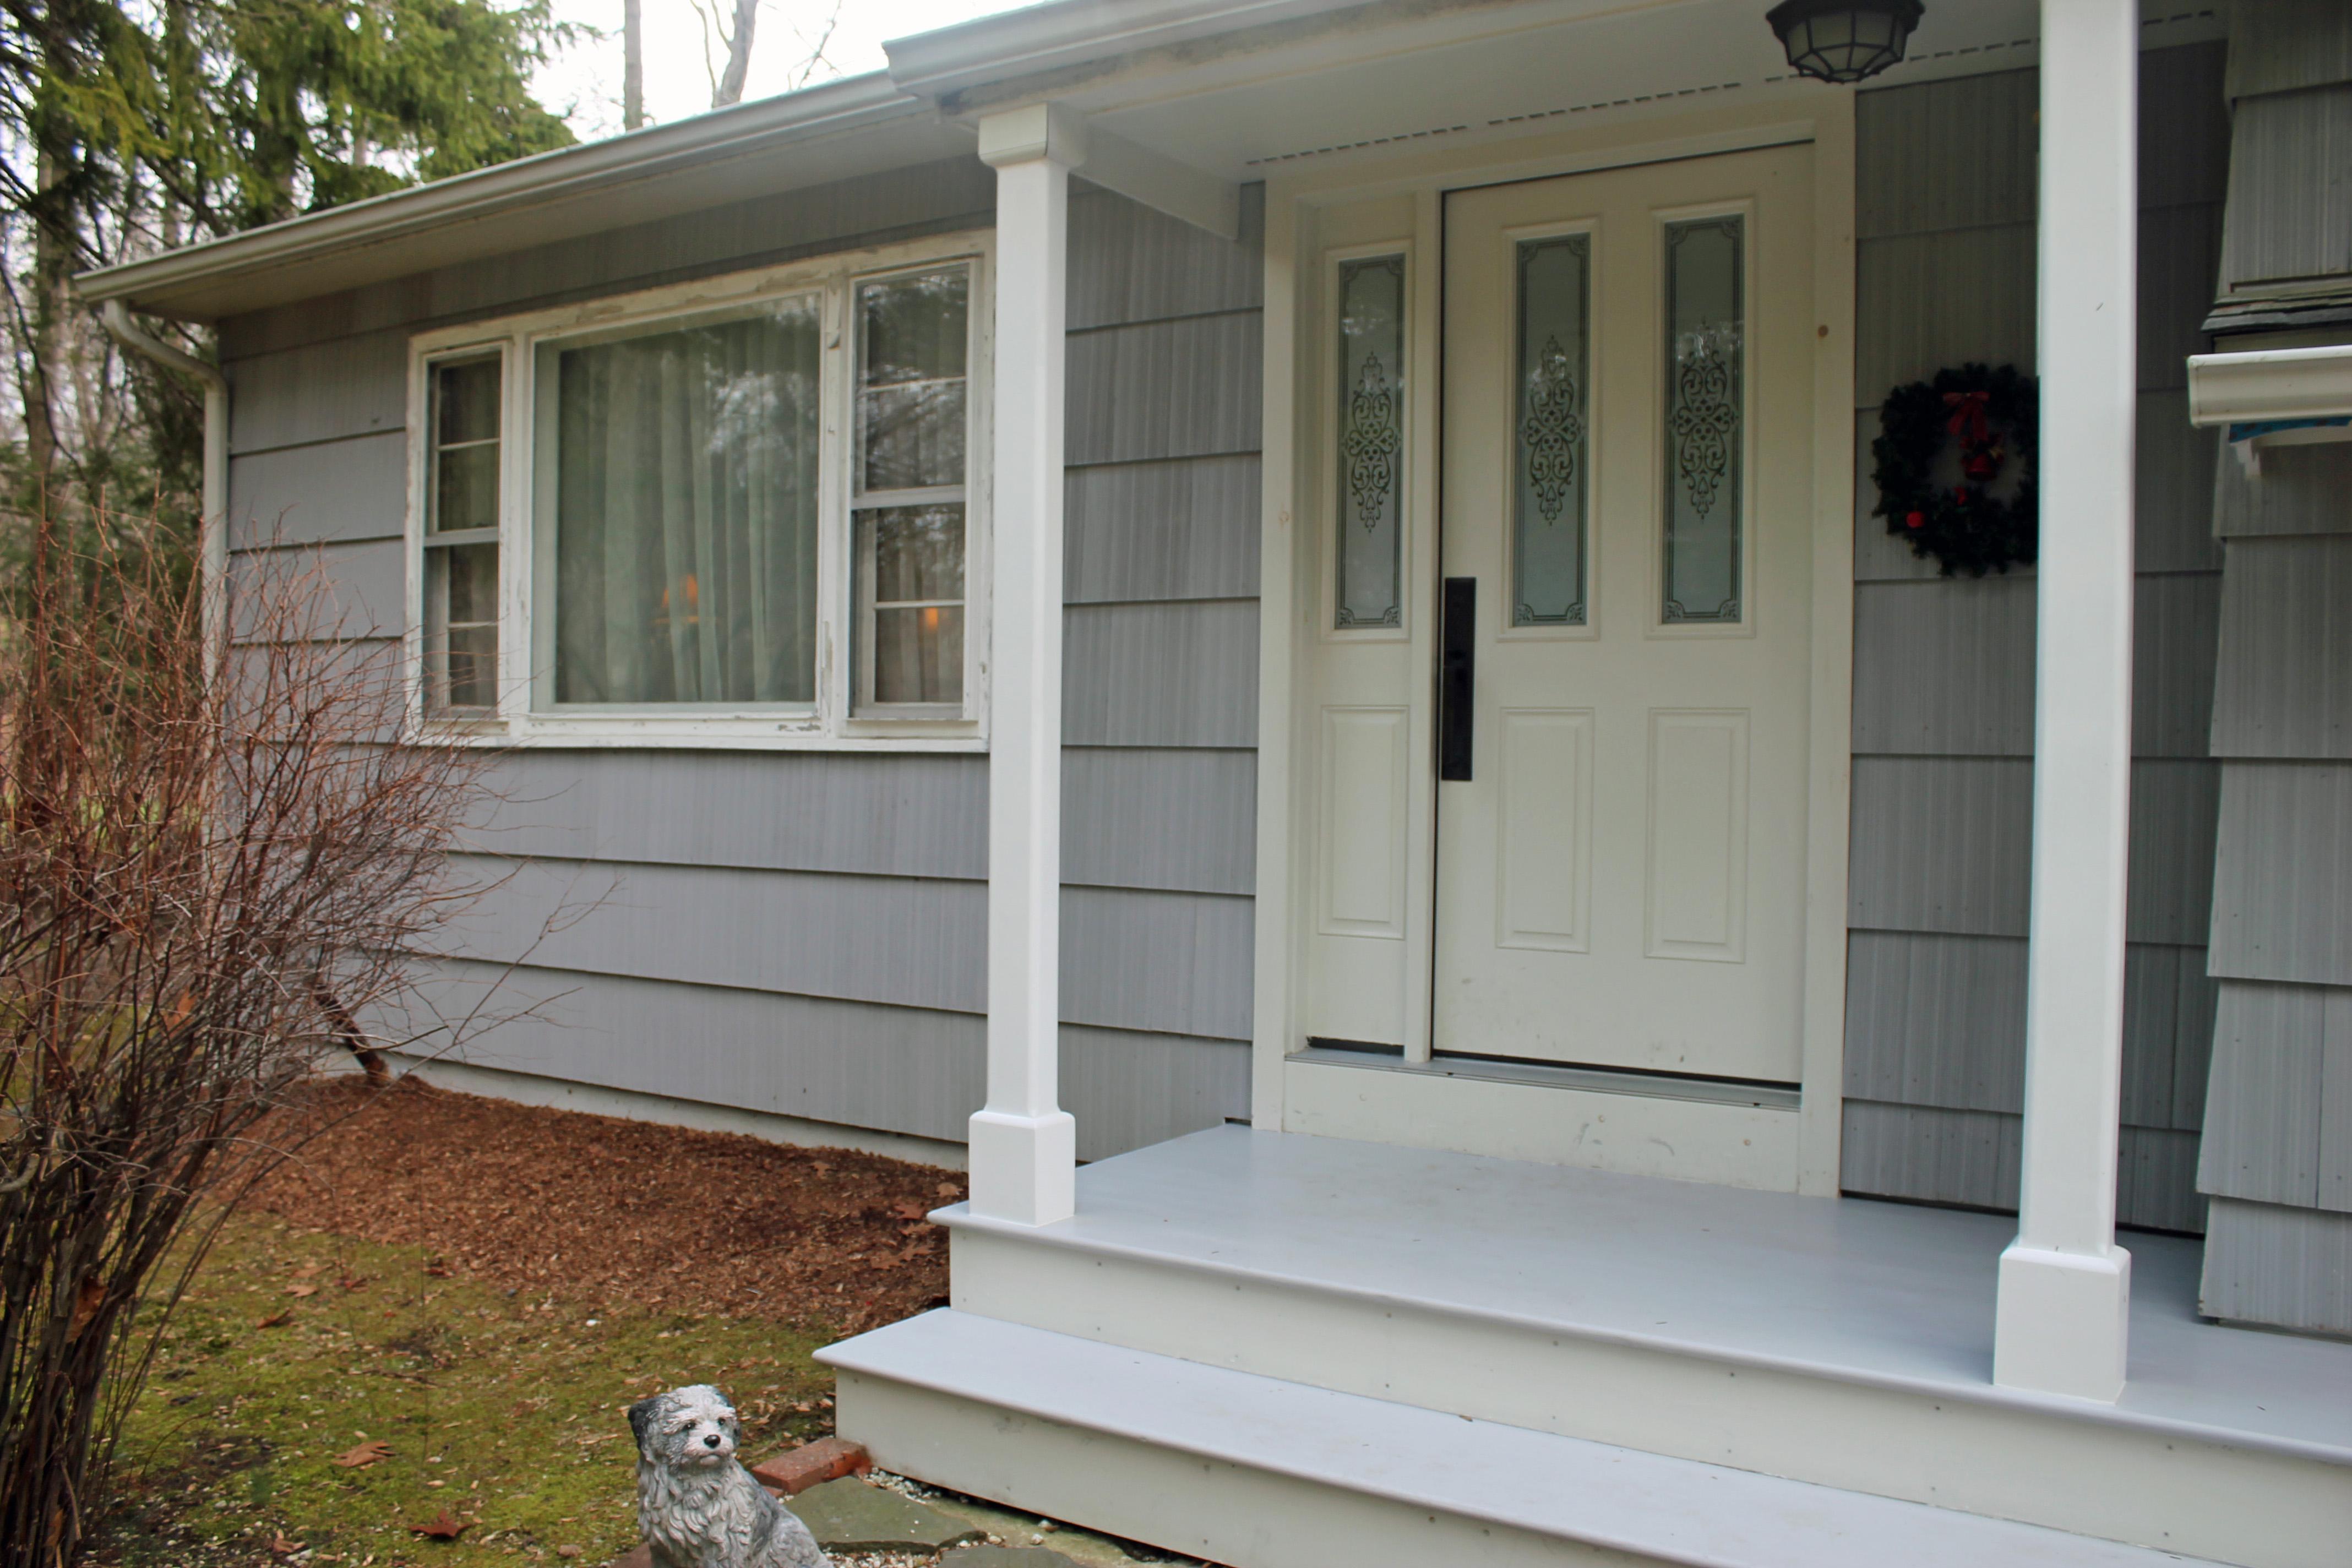 Частный односемейный дом для того Продажа на Spacious Split Level 201 South Salem Road Ridgefield, Коннектикут, 06877 Соединенные Штаты